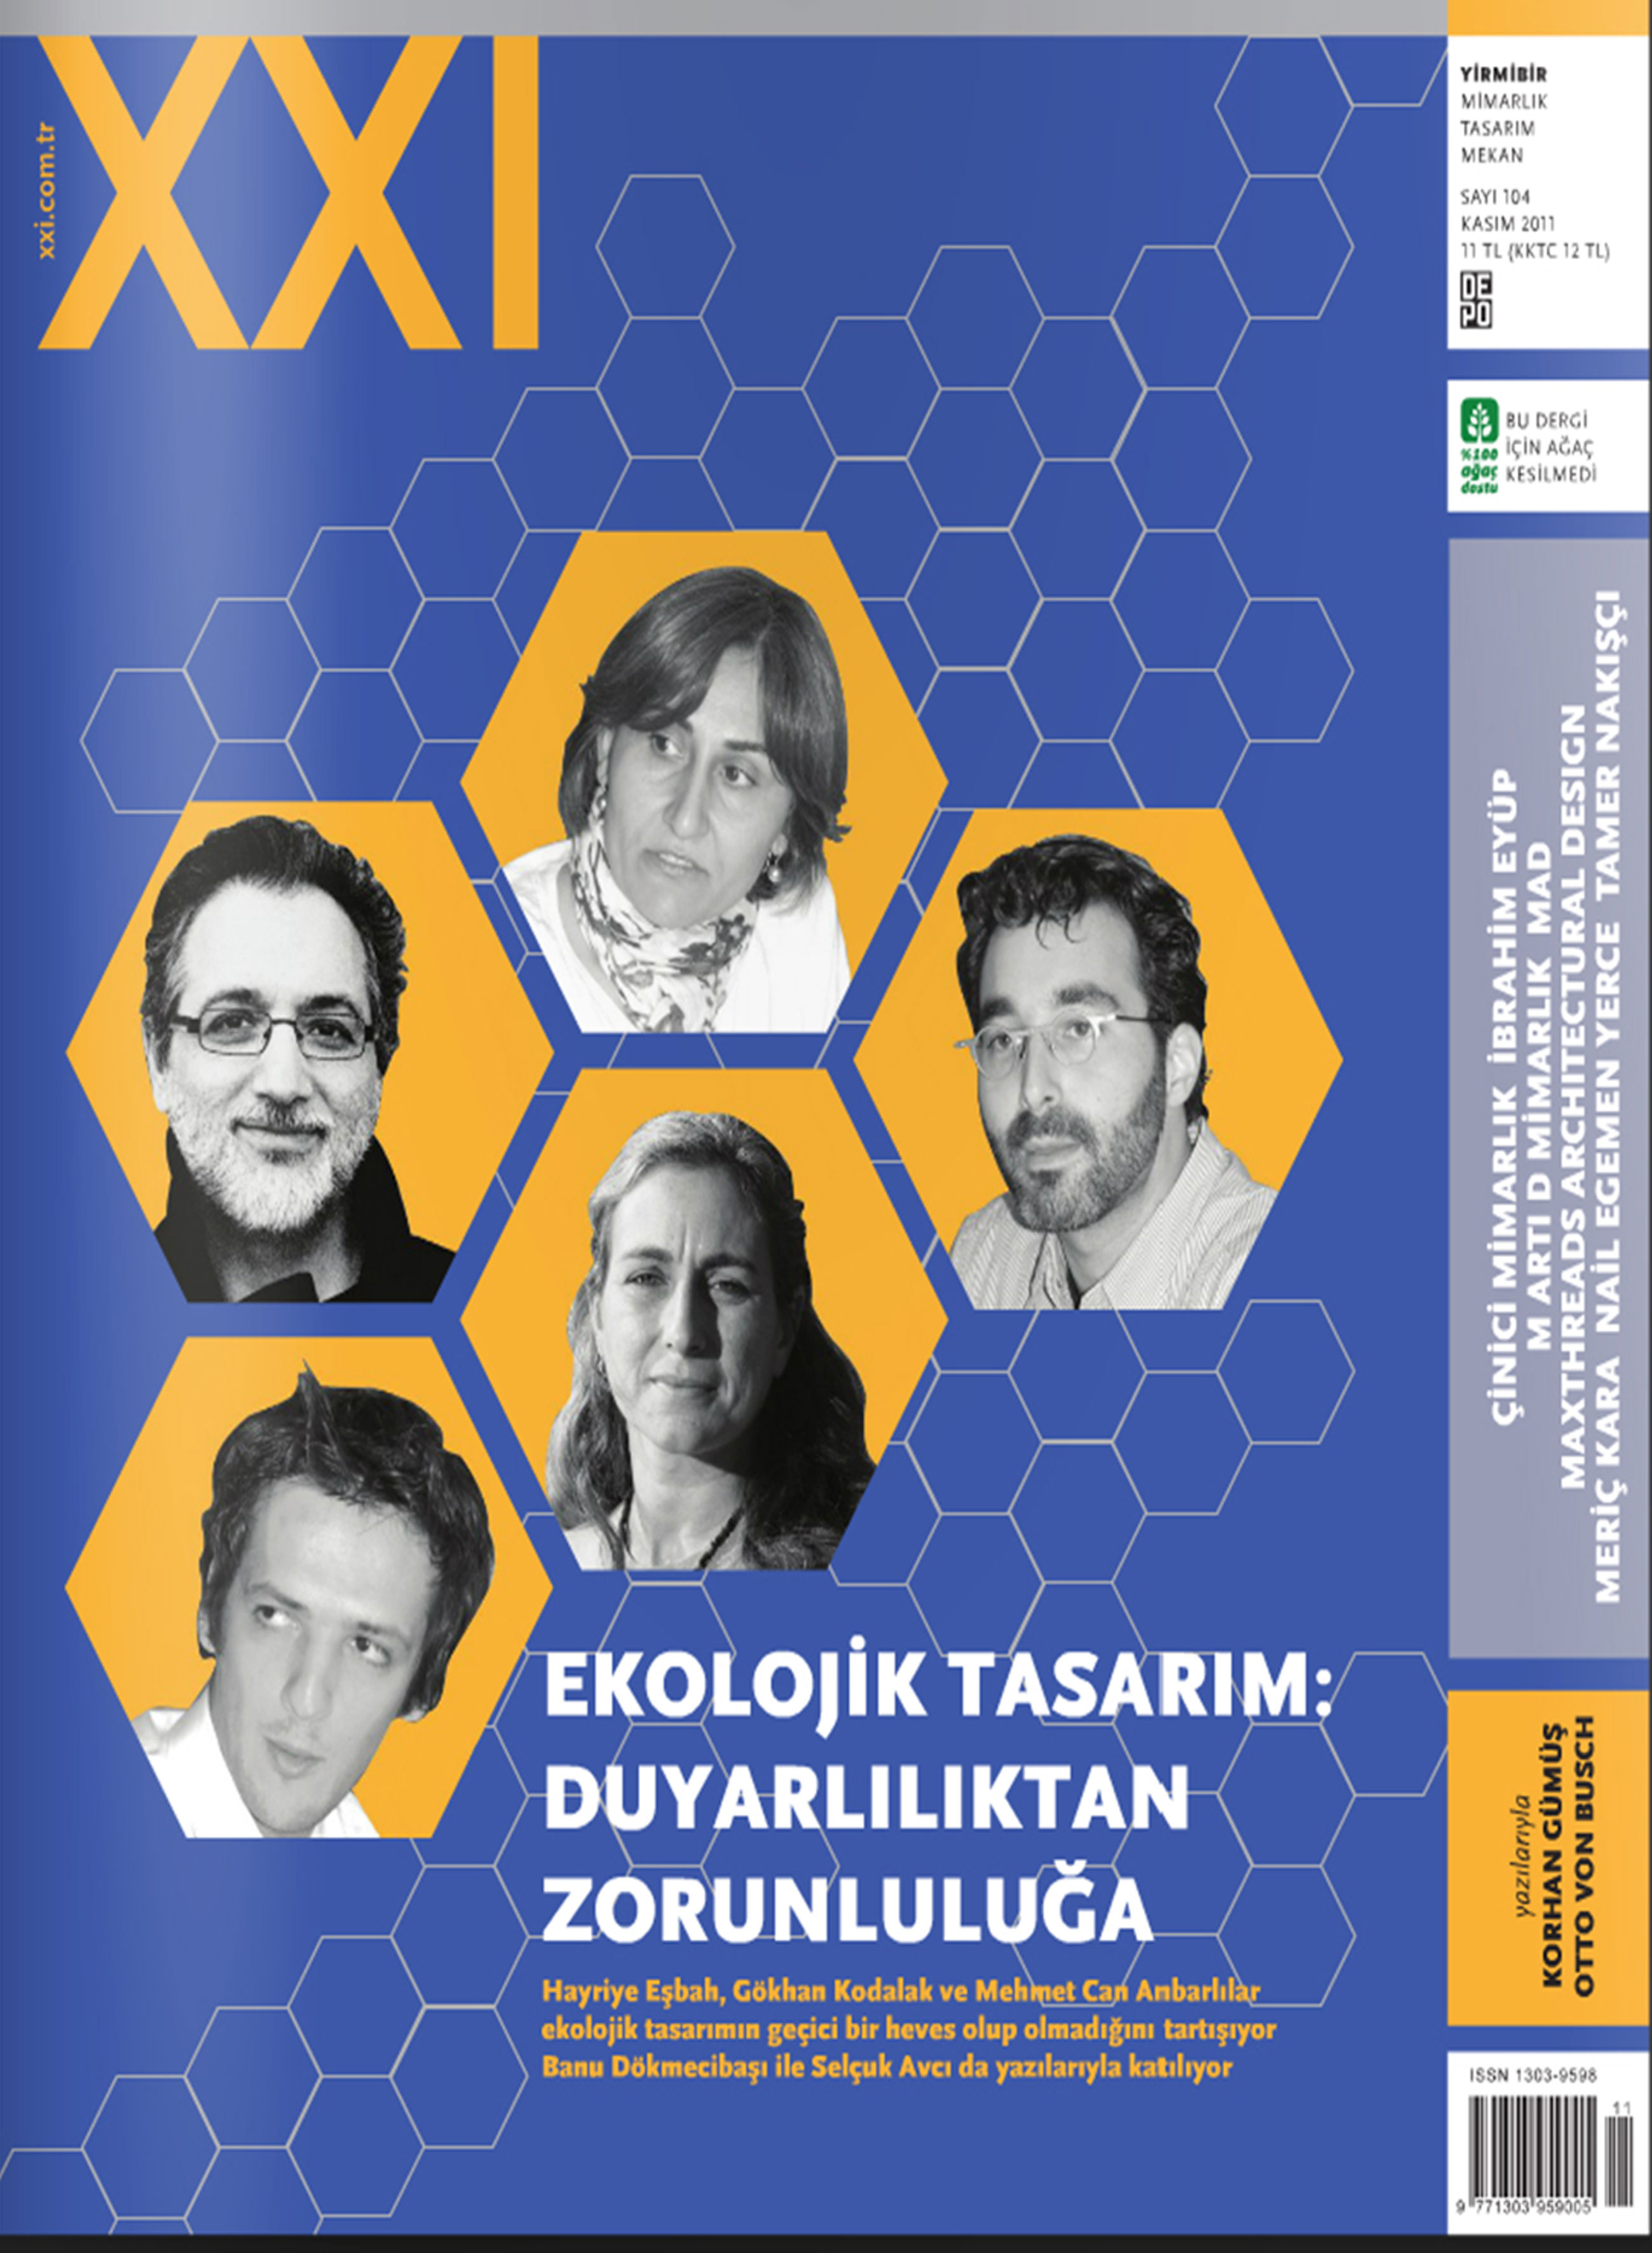 XXI 2011